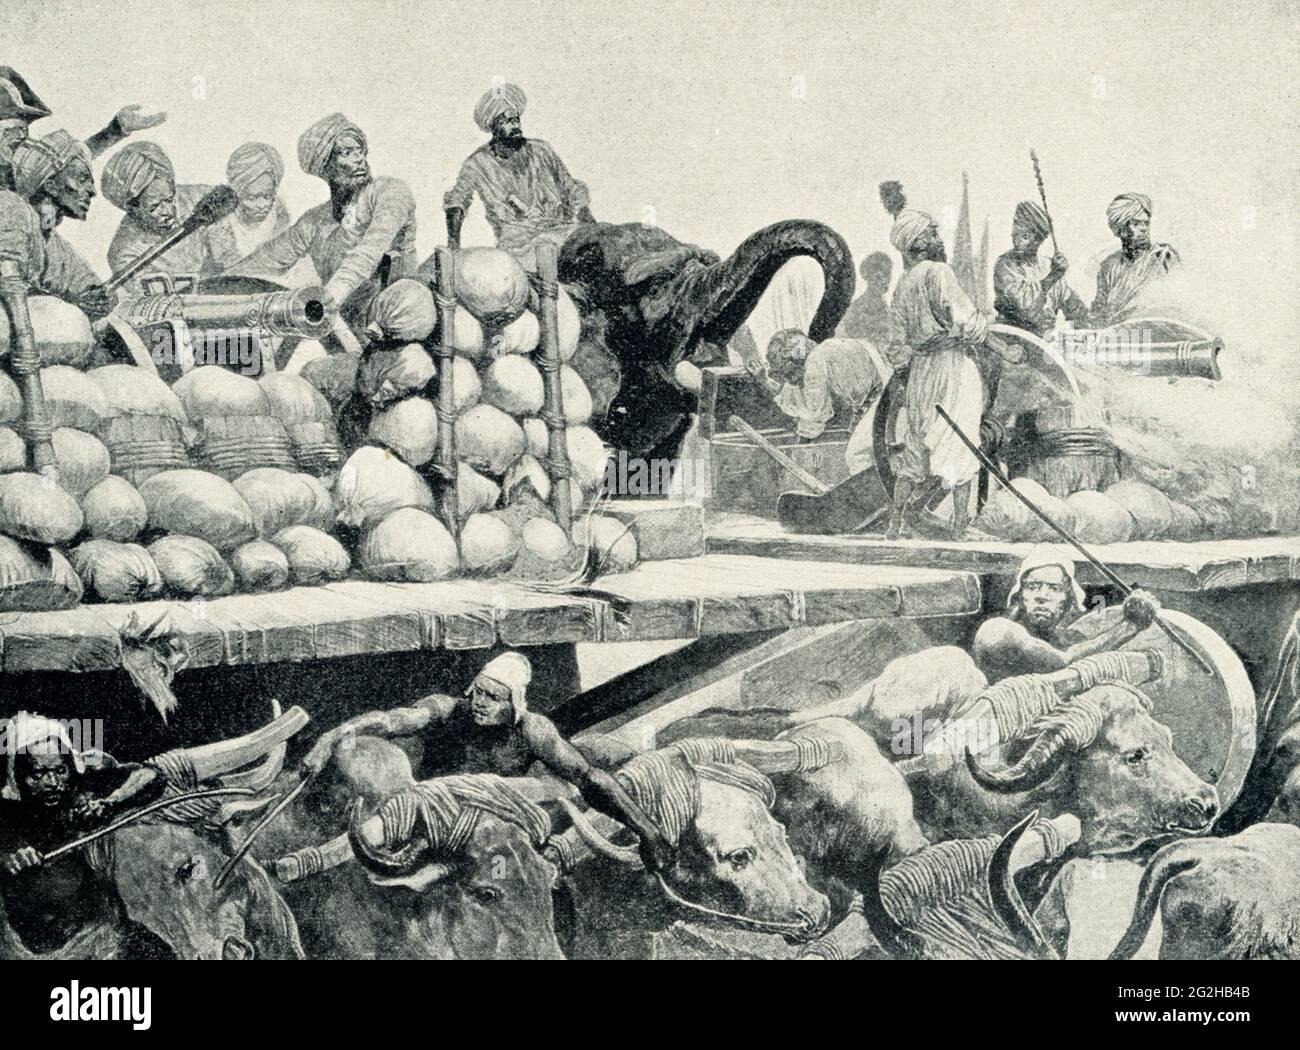 Batalla de Plassey - Artillería de Nawab en su Plataforma Movable. Por R Caton Woodville. La Batalla de Plassey fue una victoria decisiva de la Compañía Británica de la India Oriental sobre una fuerza mucho mayor del Nawab de Bengala y sus aliados franceses el 23 de junio de 1757, bajo el liderazgo de Robert Clive. La batalla ayudó a la Compañía a tomar el control de Bengala. Richard Caton Woodville Jr.(1825-1855) fue un artista e ilustrador inglés, que es mejor conocido por ser uno de los pintores más prolíficos y efectivos de las escenas de batalla a finales de 19th y principios de 20th siglos. Foto de stock